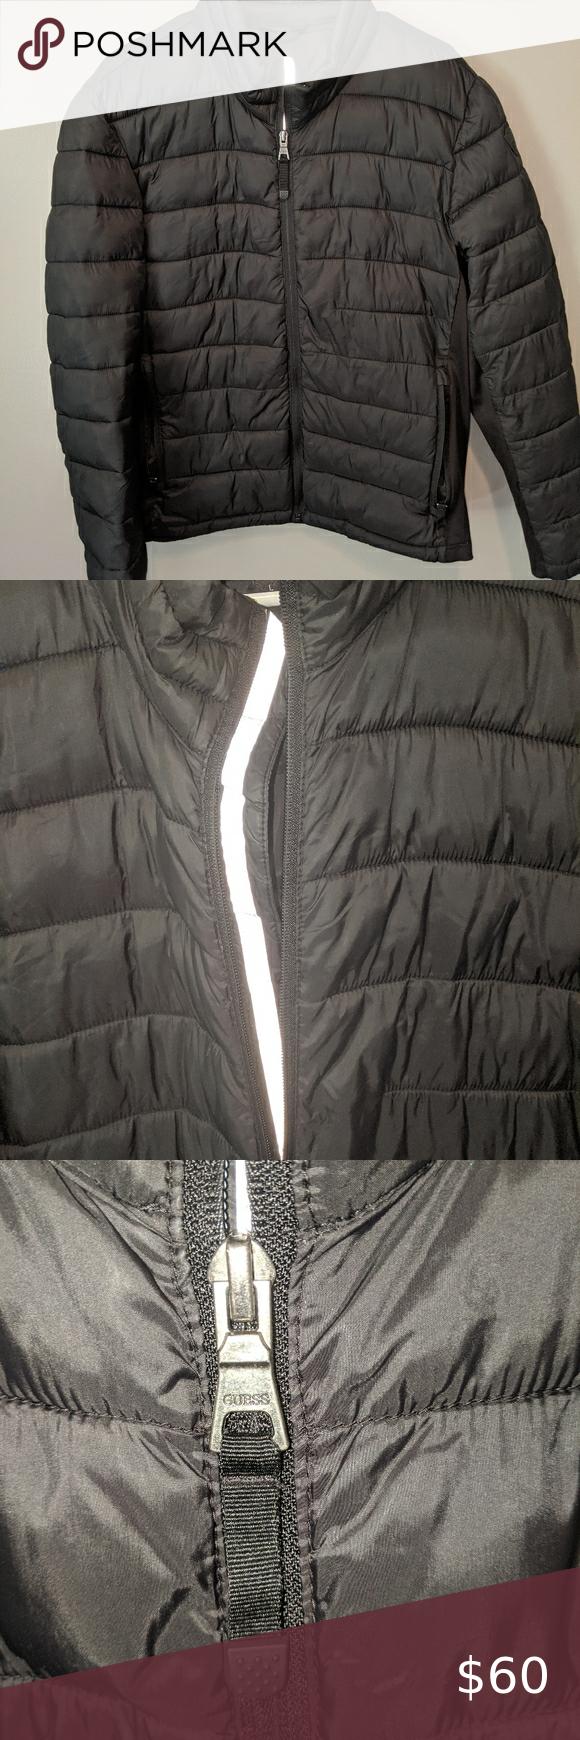 Guess Puffer Jacket Puffer Jackets Puffer Jackets [ 1740 x 580 Pixel ]